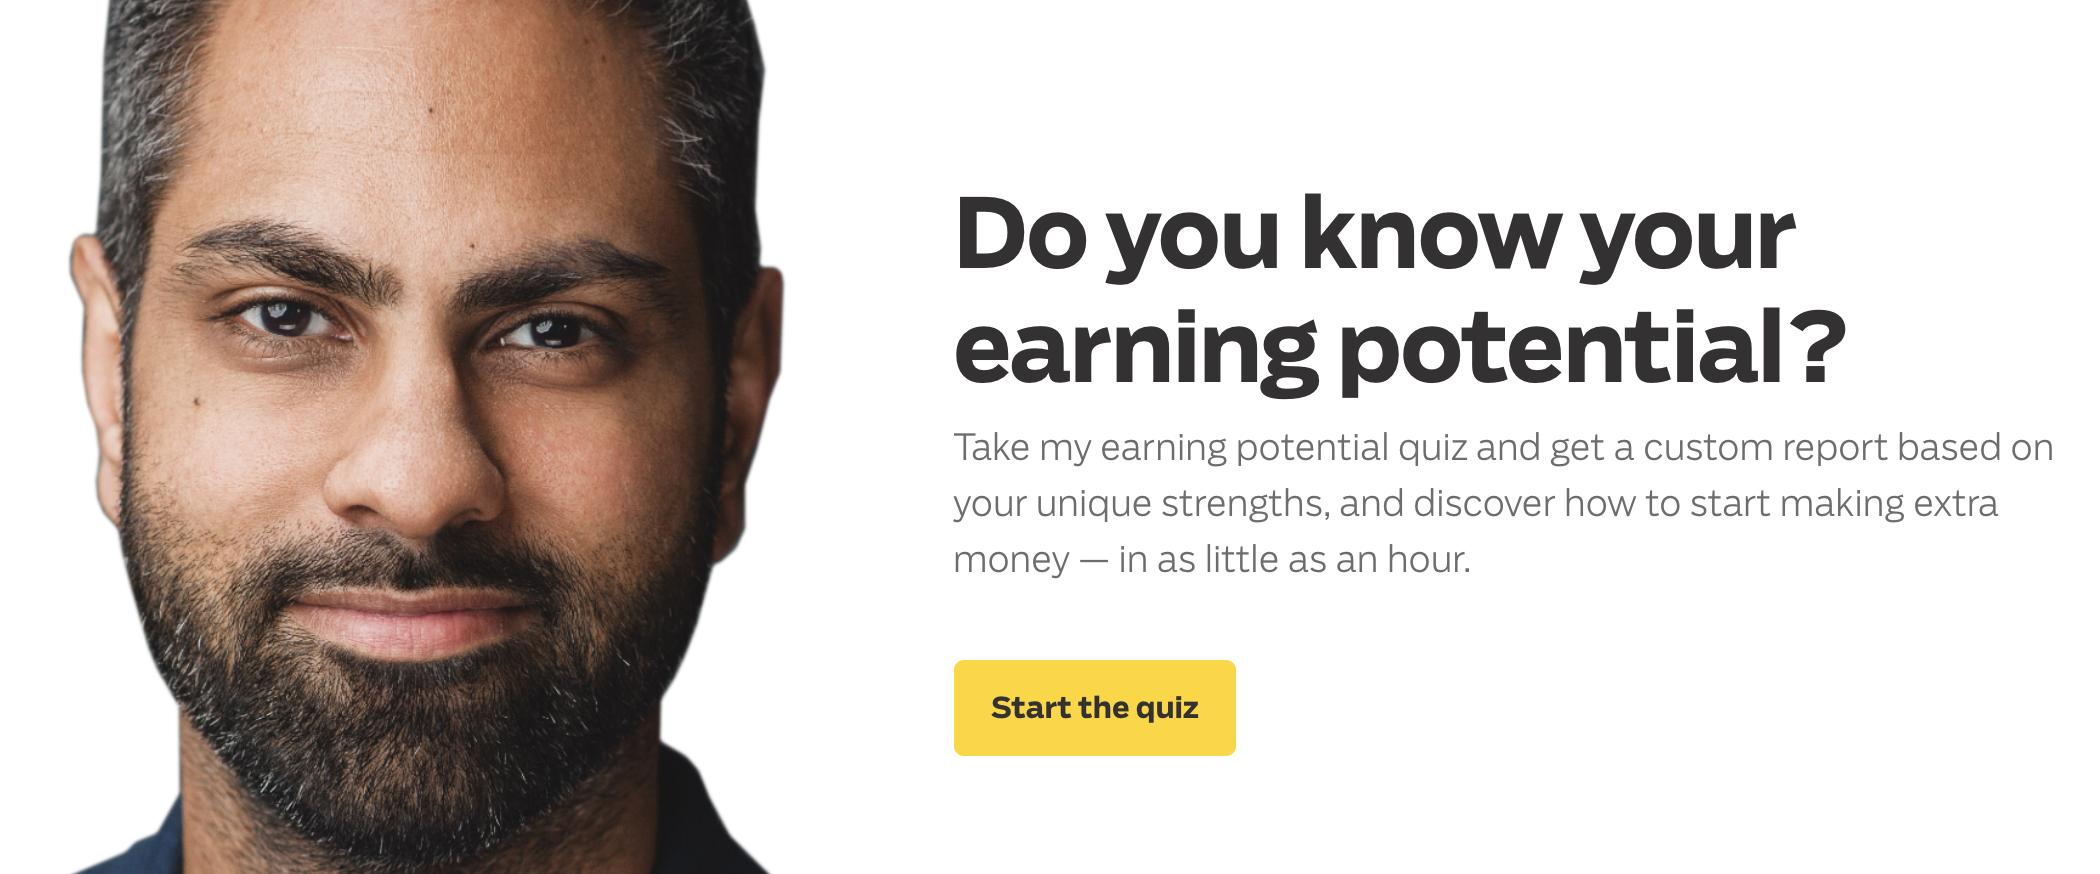 Ein Quiz als Leadmagnet einsetzen